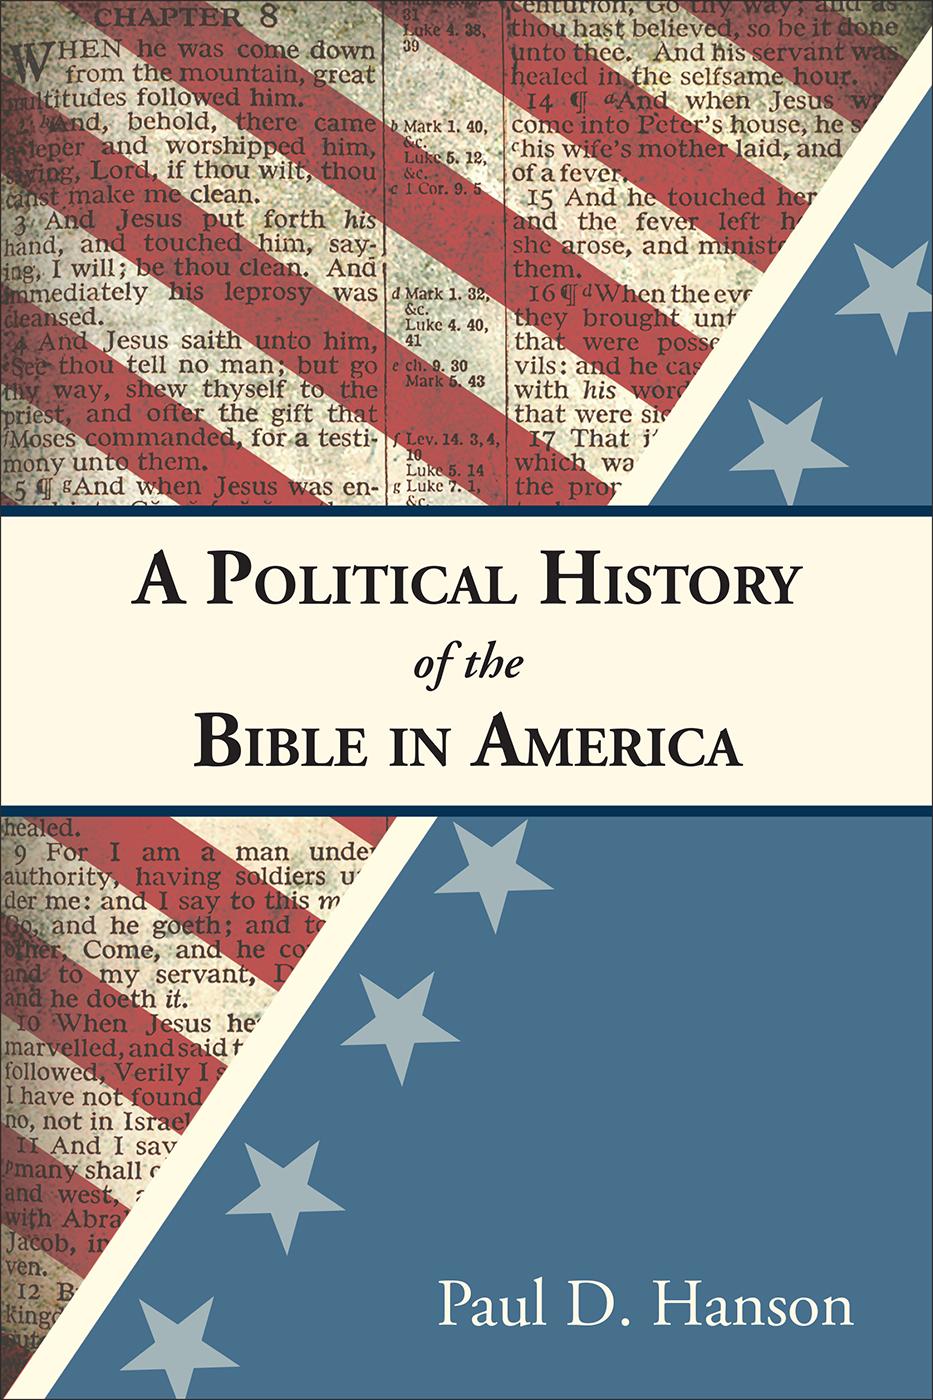 political culture in america essay